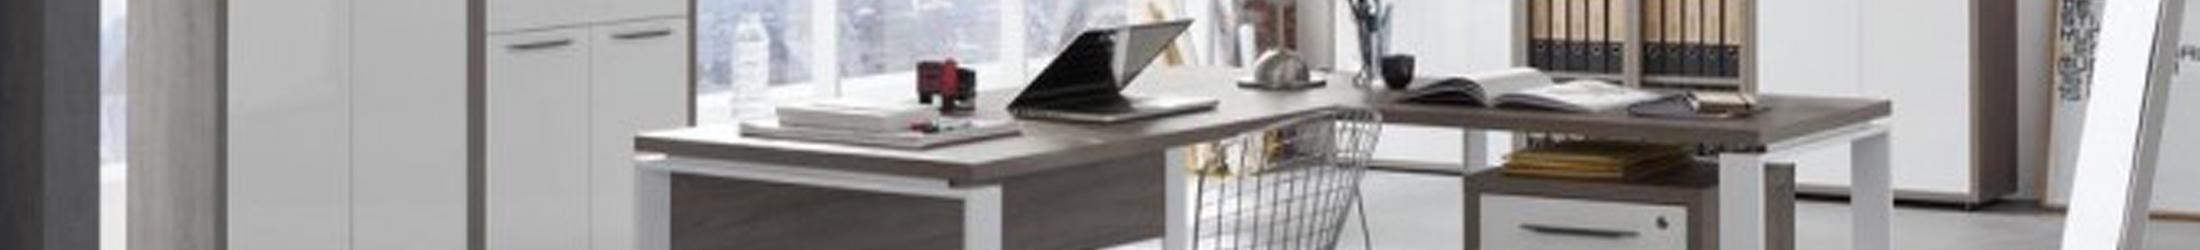 Vendita mobili ufficio prezzi bassi for Mobili ufficio prezzi